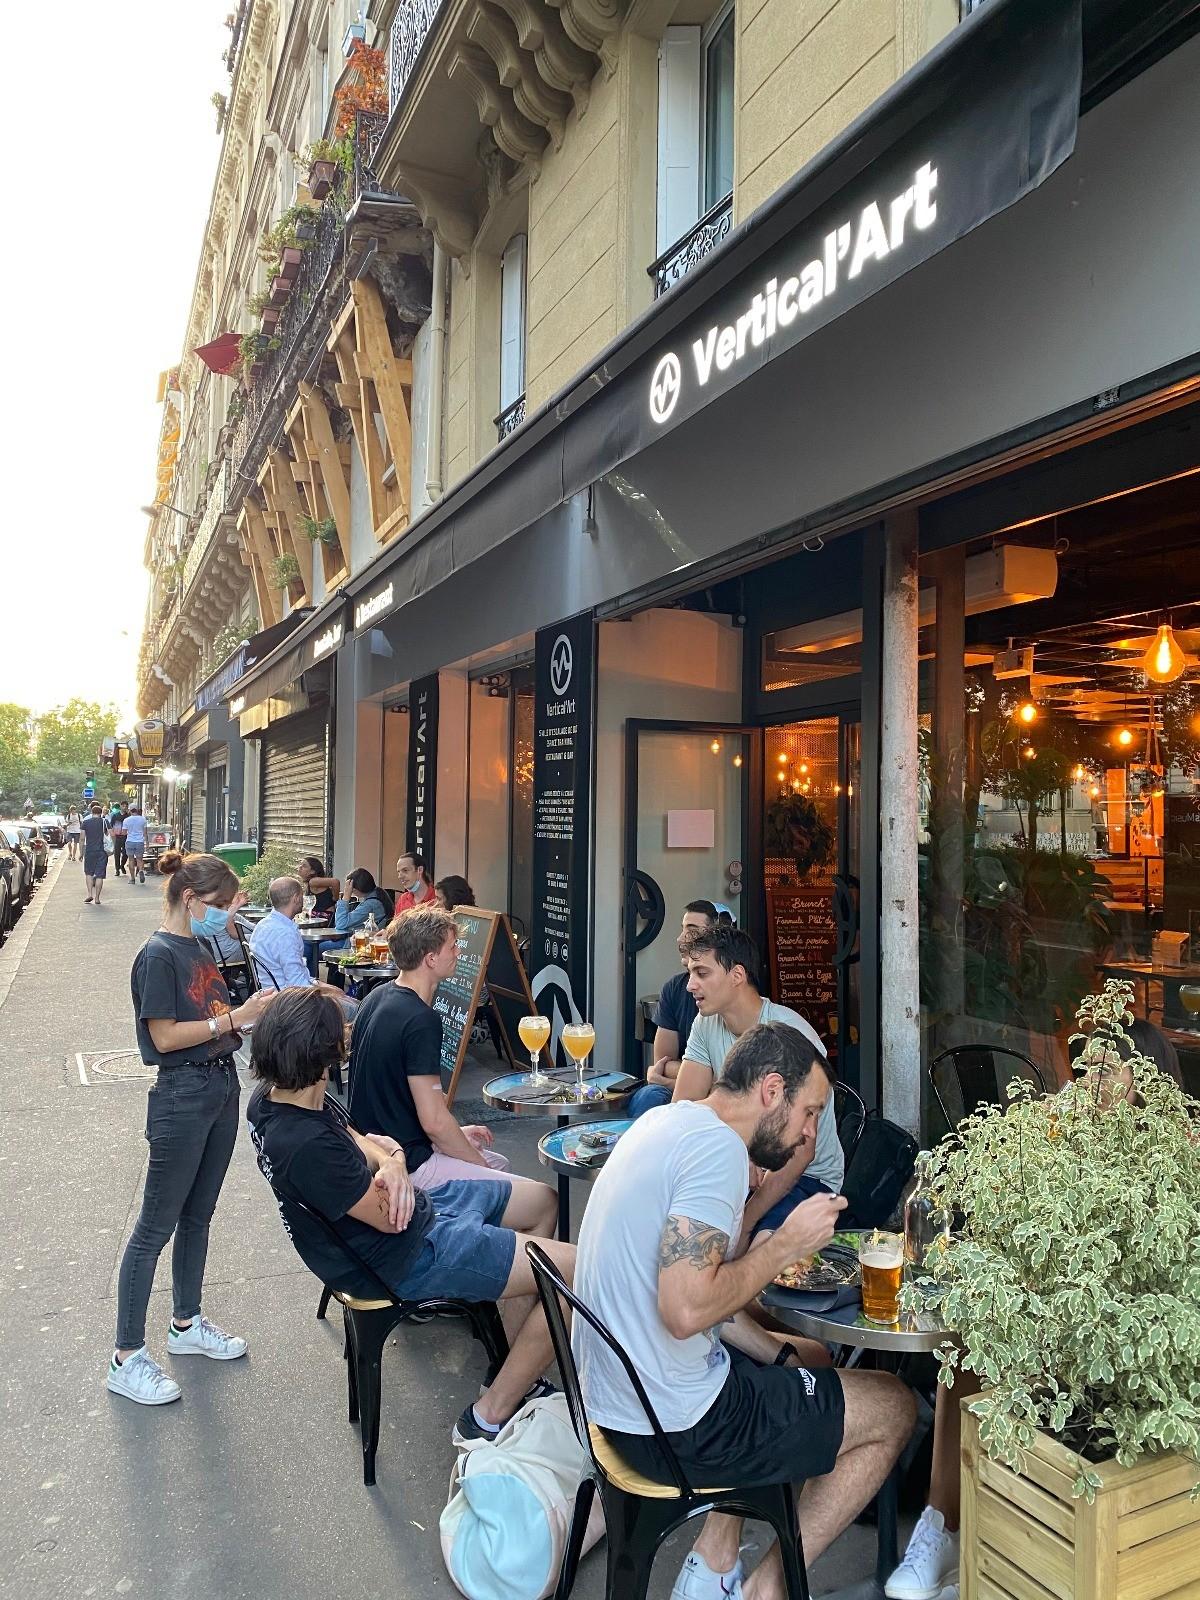 Vertical'Art Pigalle -Salle d'escalade - Restaurant et bar - stage et cours d'escalade - Accessible à tous